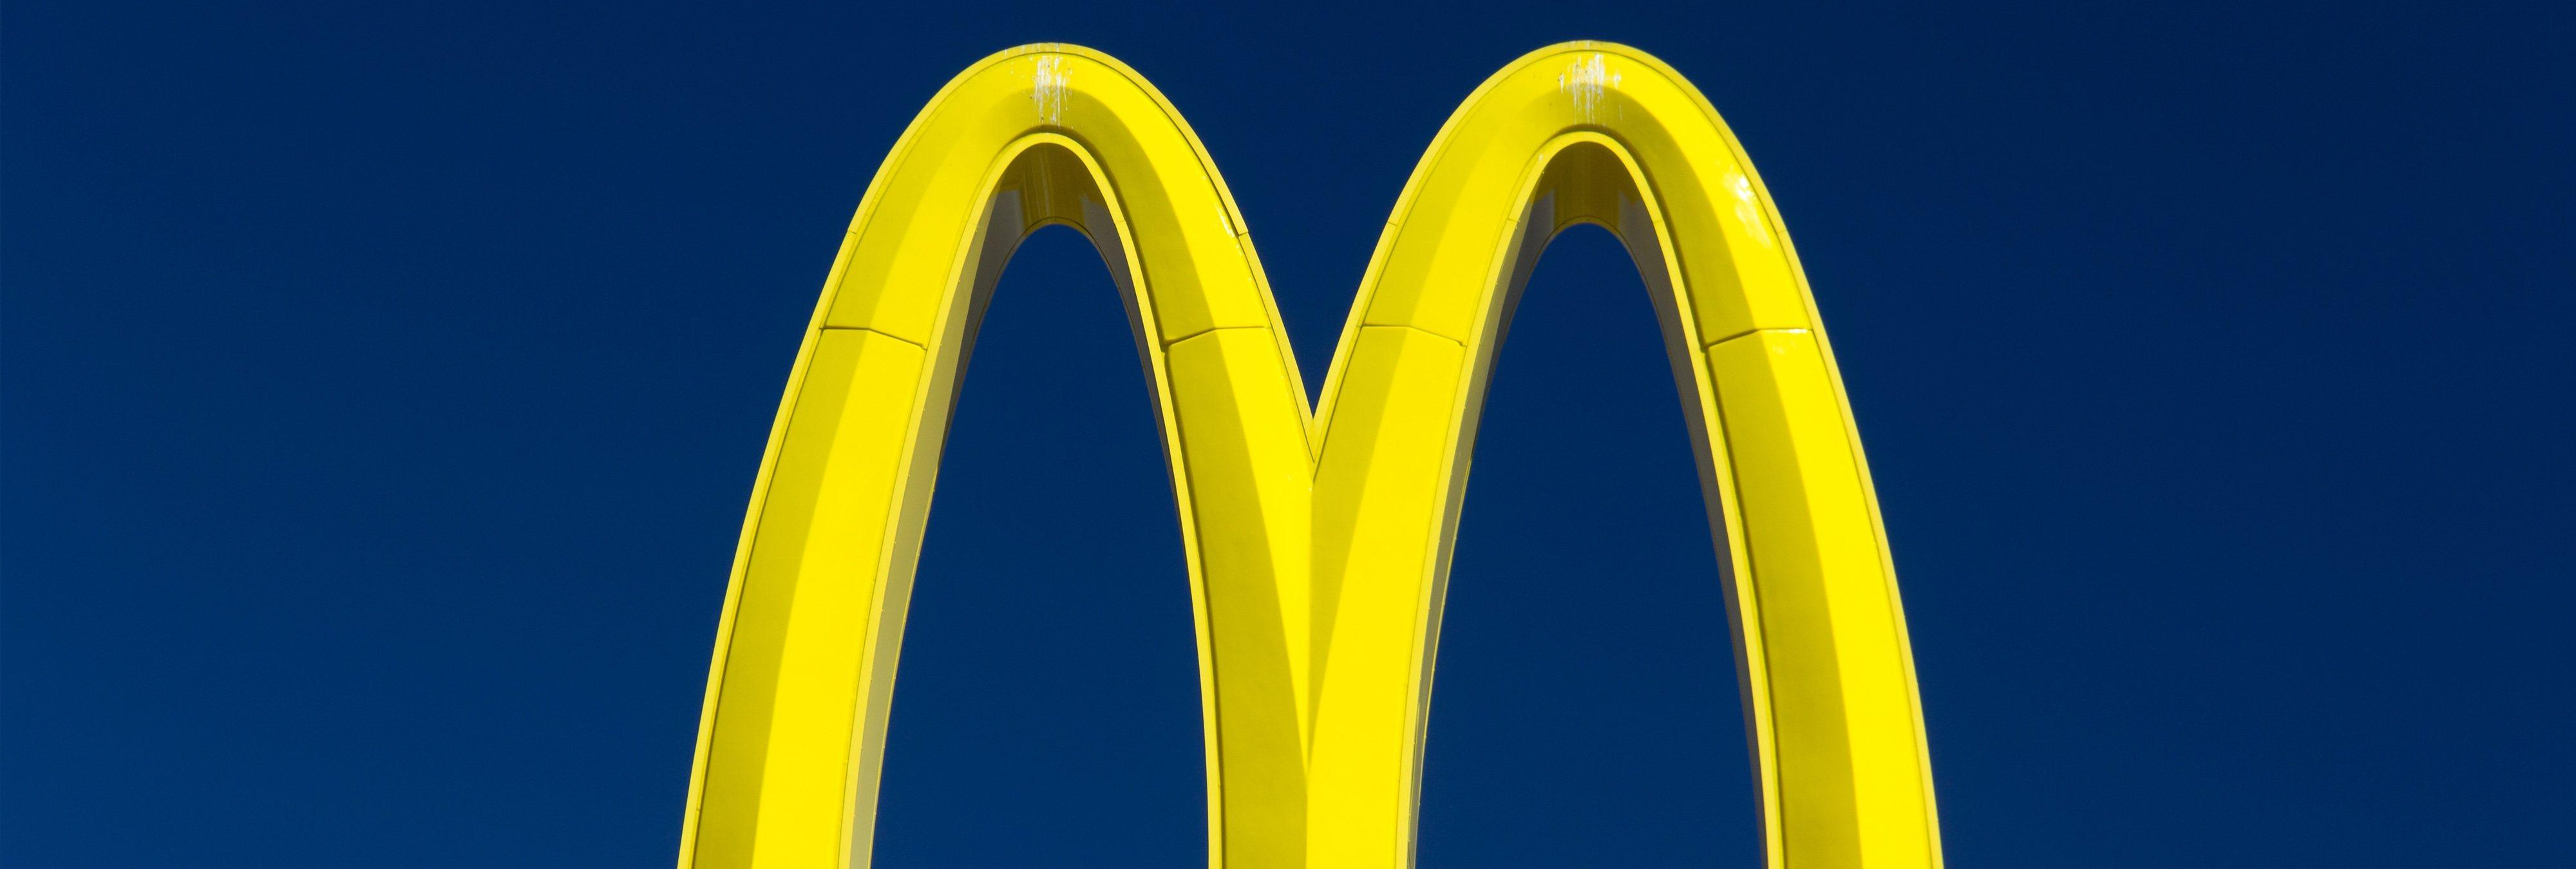 Los grandes secretos que esconde McDonald's que harán que te replantees volver